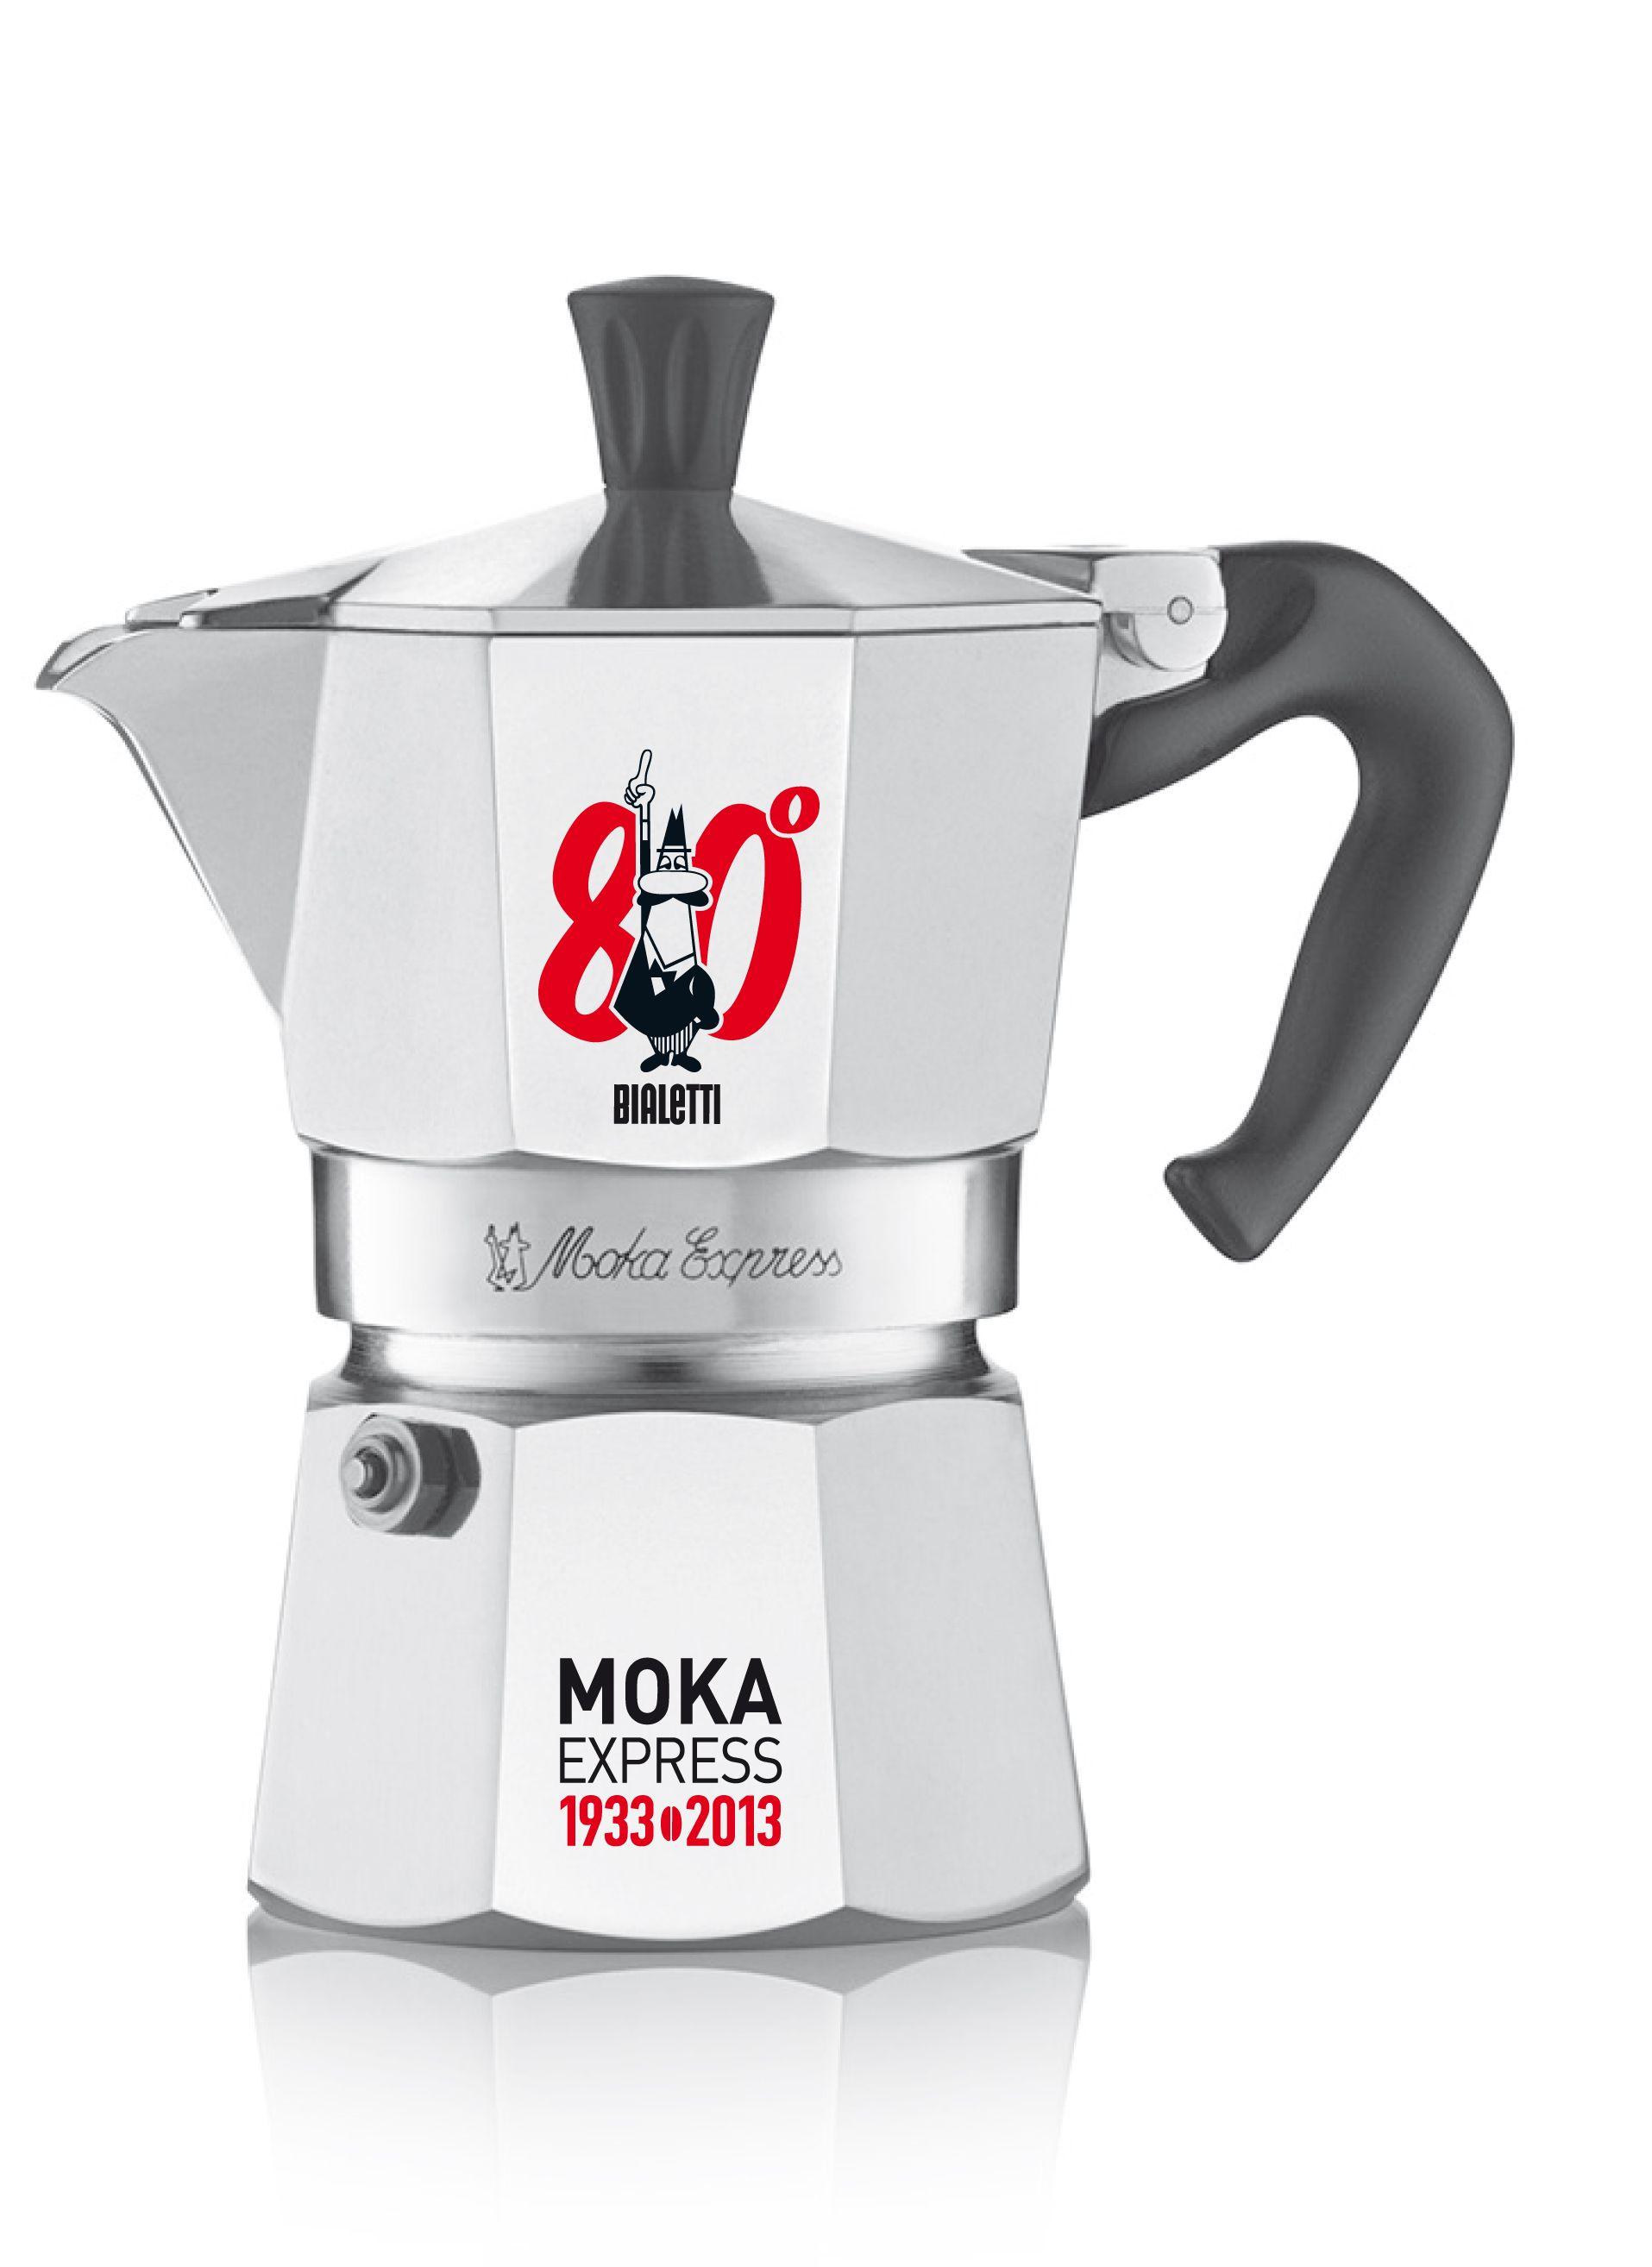 In 80 anni di storia, la Moka è sempre in ottima forma.